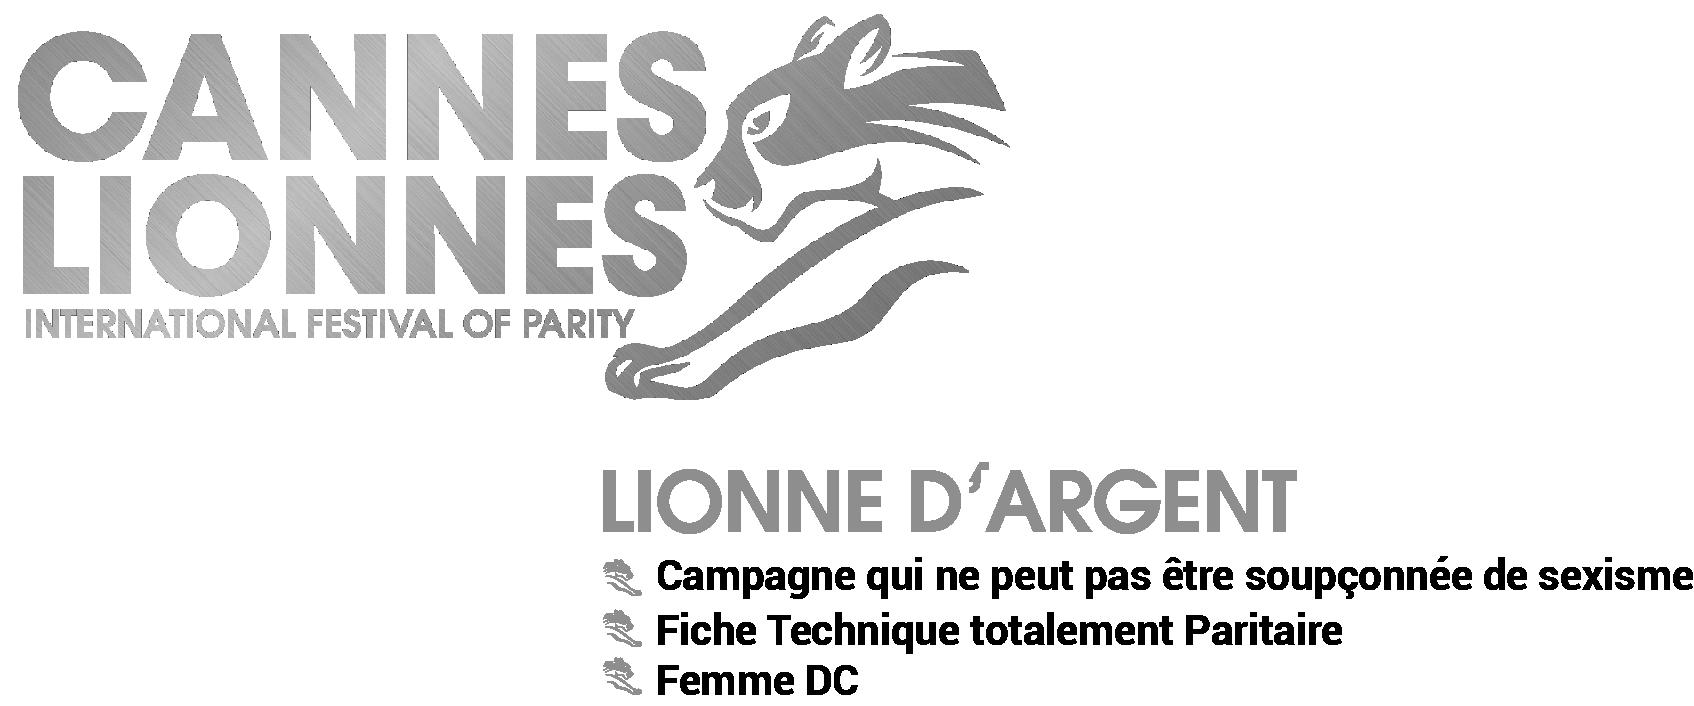 LIONNE D'ARGENT.png